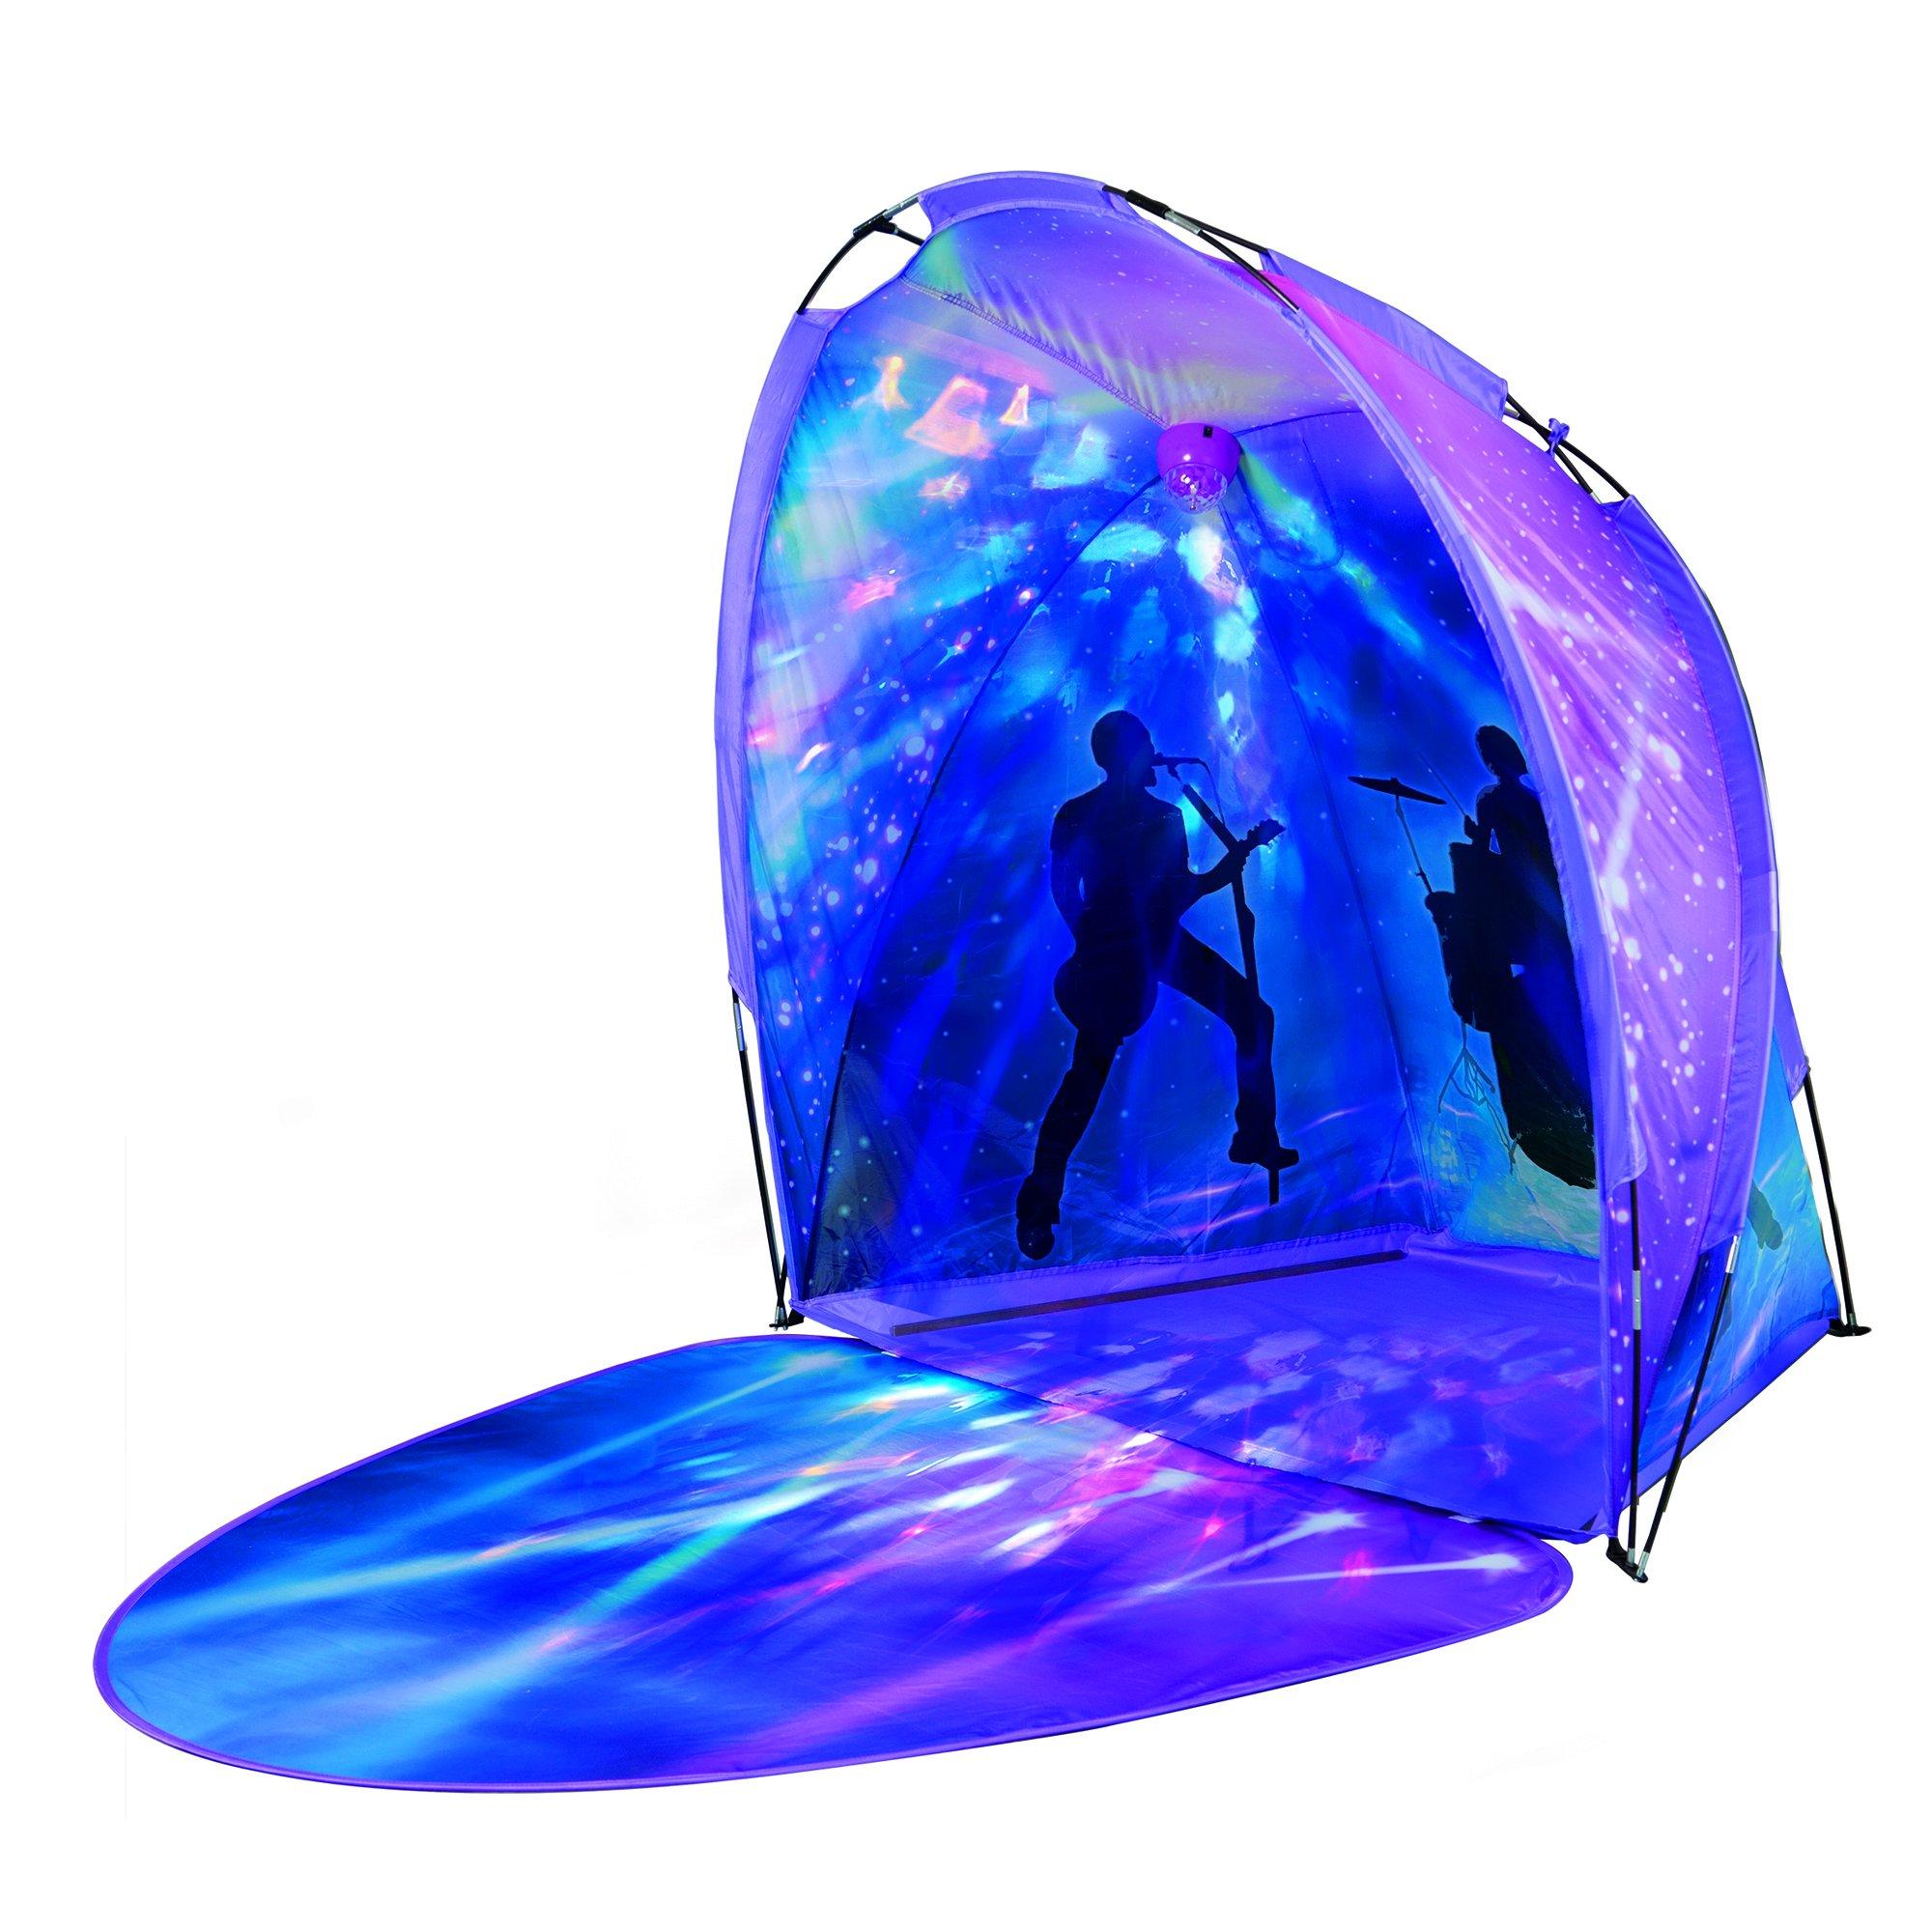 John Popup Indoor/Outdoor Play Tent for Kids (Pop Star Stage)